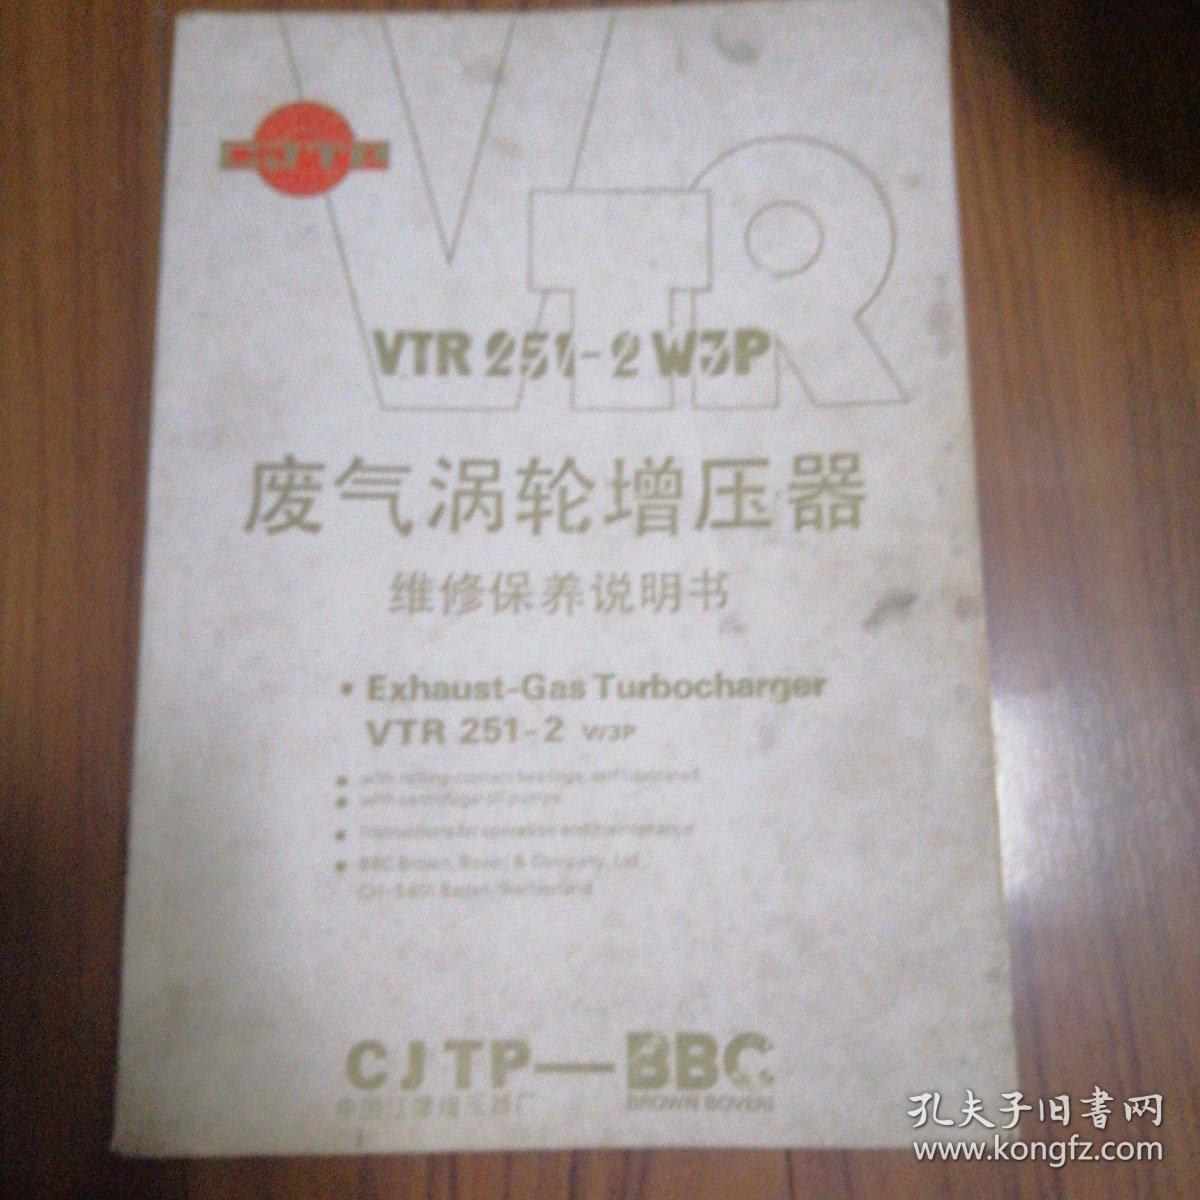 废气涡轮增压器维修保养说明书 VTR251